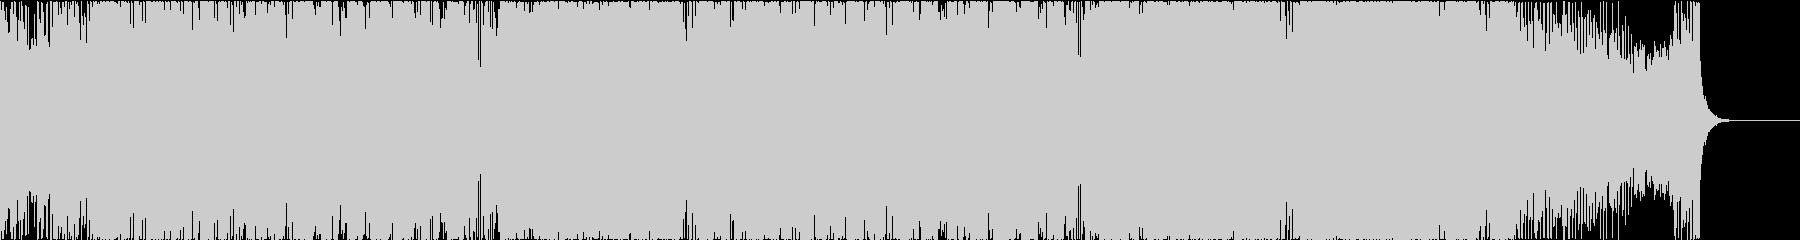 ボイスコーラスがエモーショナルなEDMの未再生の波形